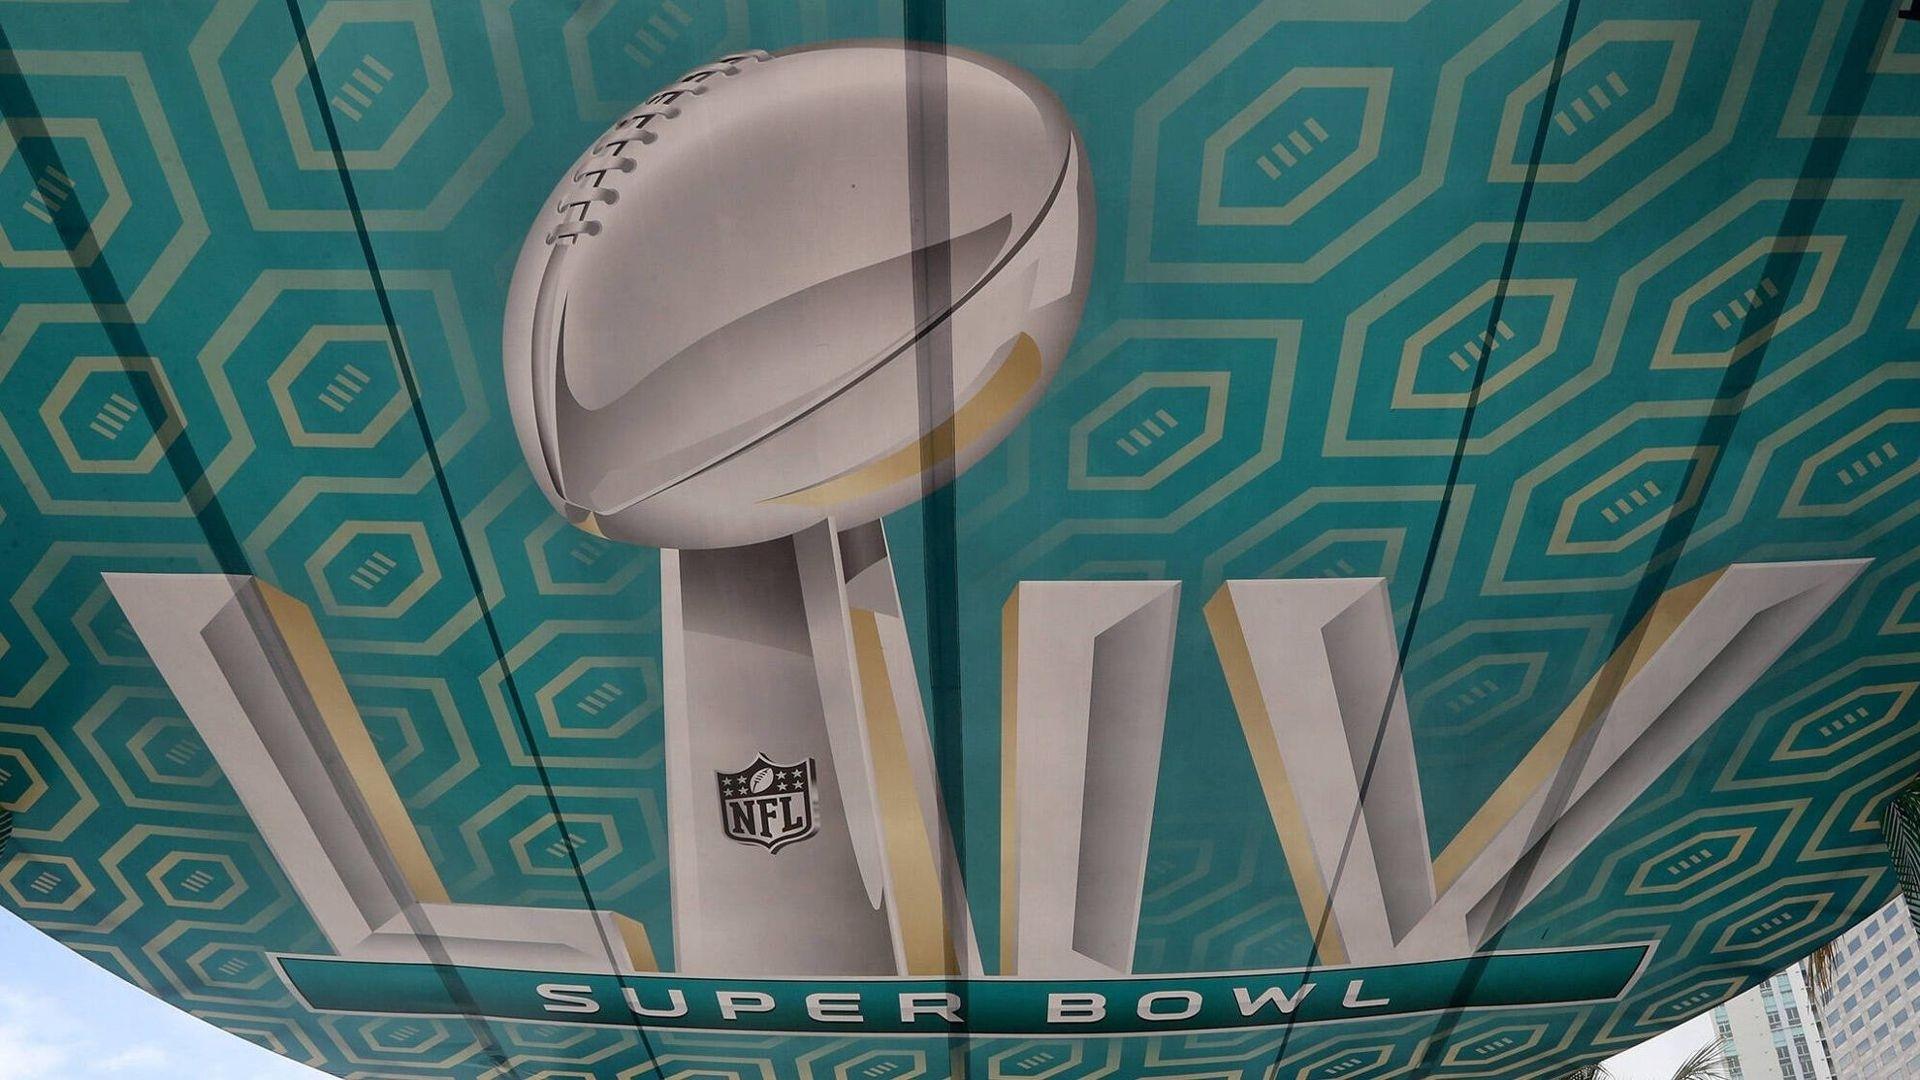 Super Bowl 2020 In München: Hier Sehen Sie Das Spiel regarding Miami Super Bowl Party 2019